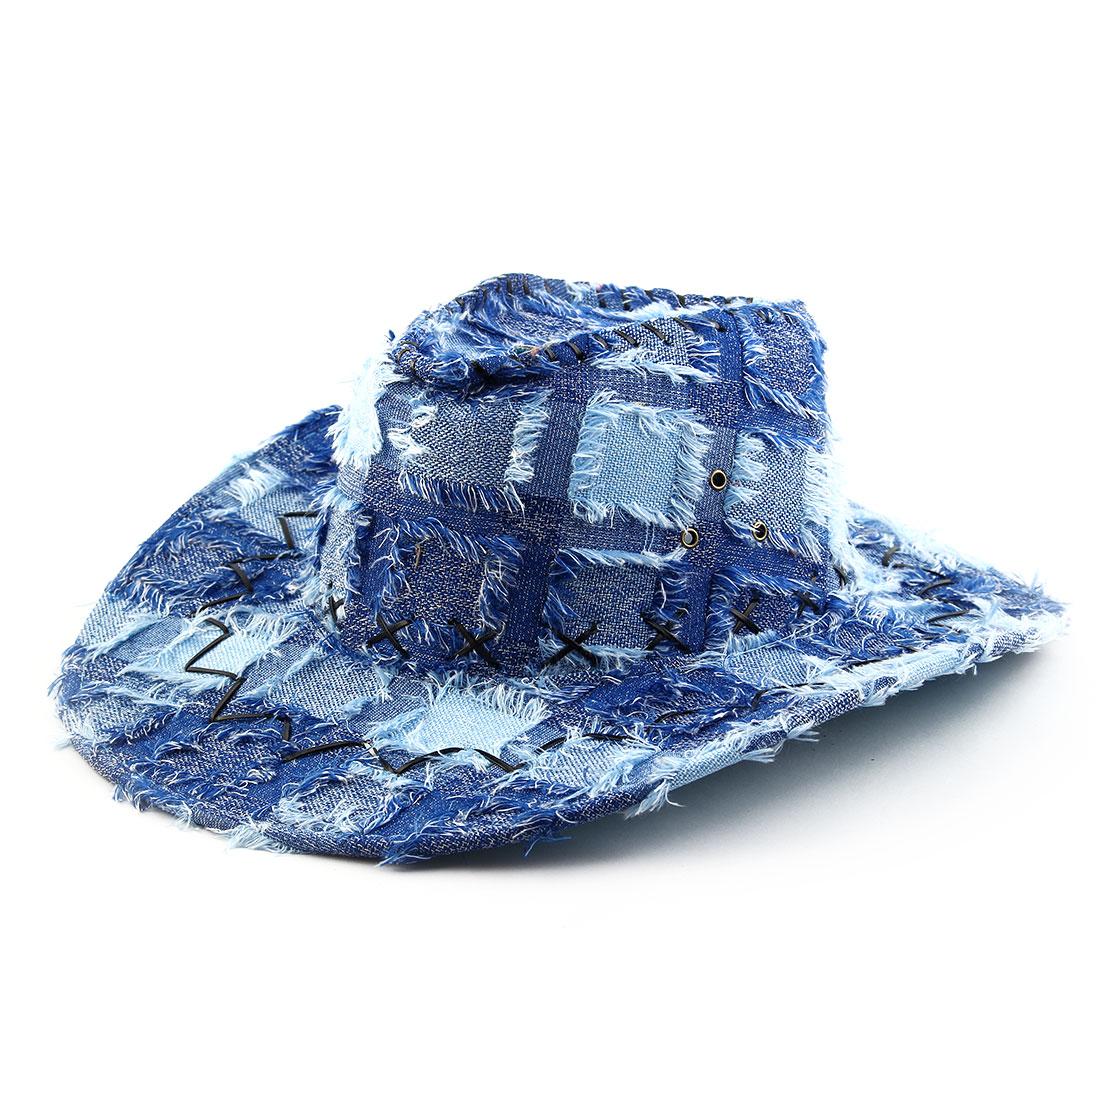 Polyester Blends Adjustable Neck Strap Wide Brim Western Cowboy Hat Sky Blue